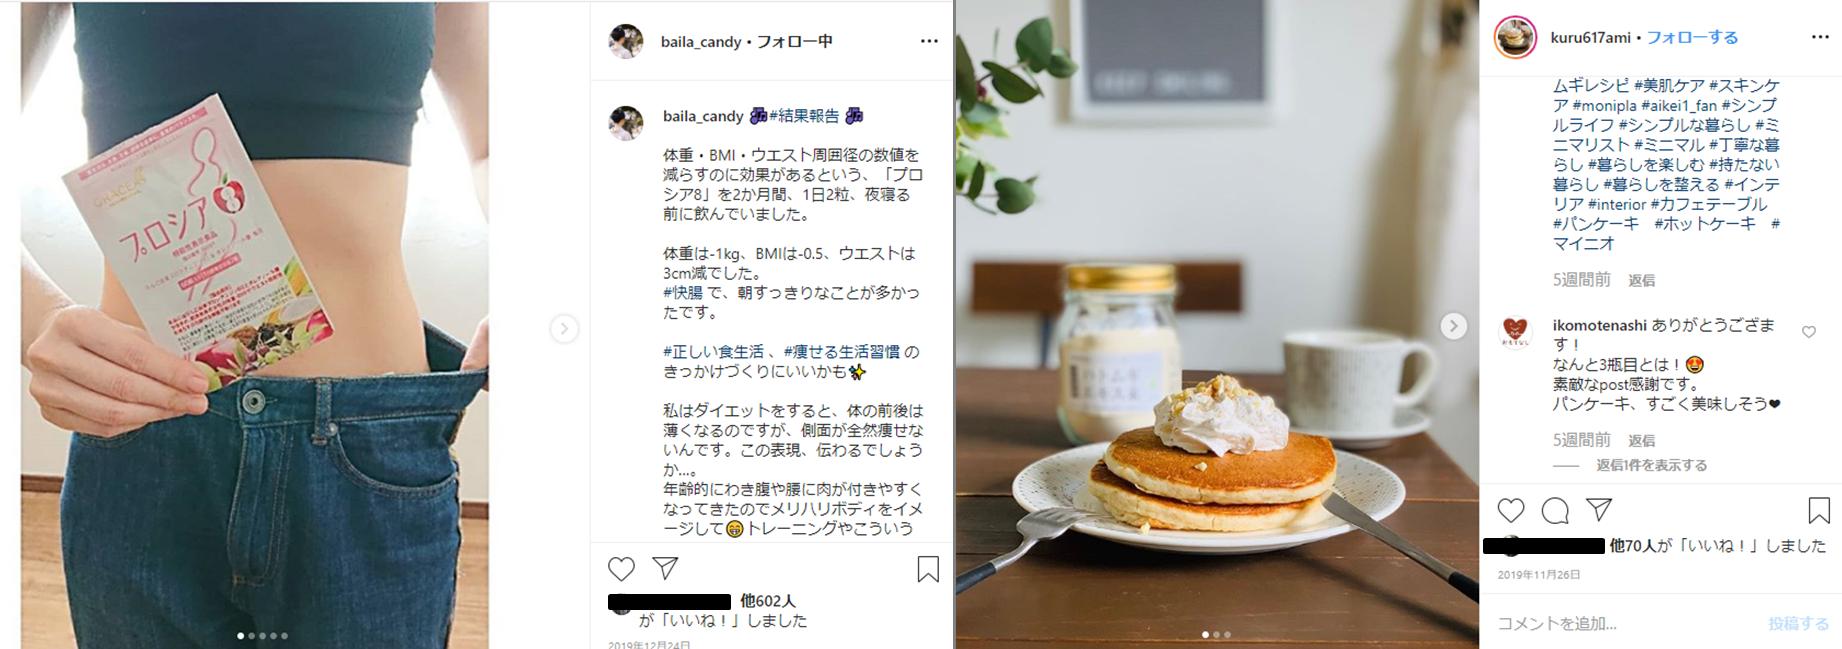 アイケイ 食品体験口コミ投稿